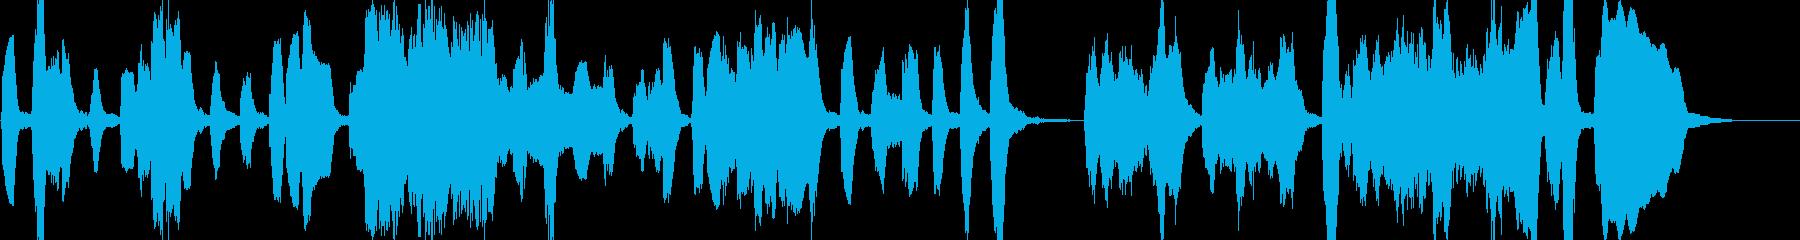 低音デュオの音楽の再生済みの波形